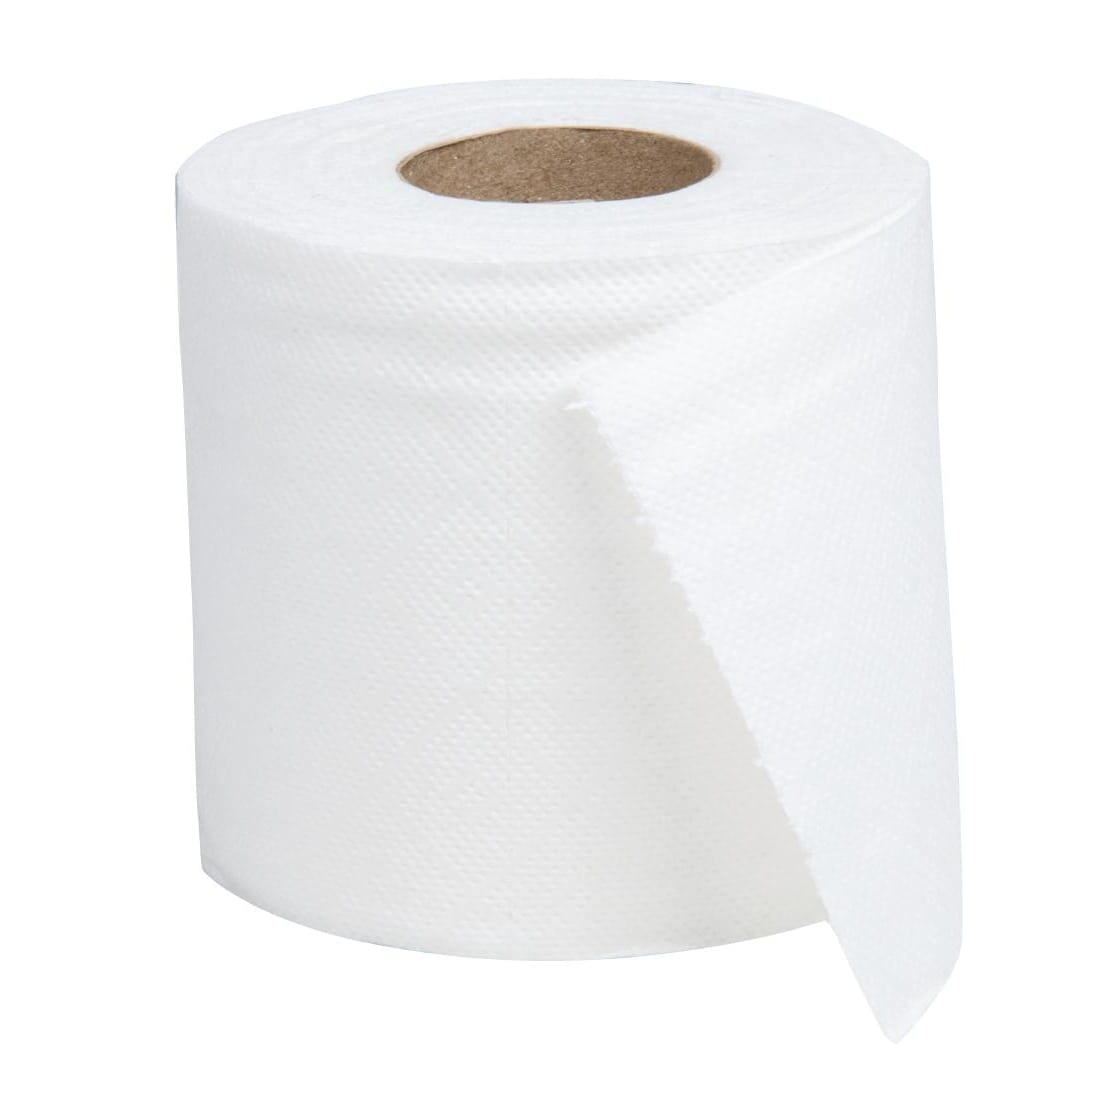 200 Sheet Toilet Rolls 2ply White 36 Pack Loorolls